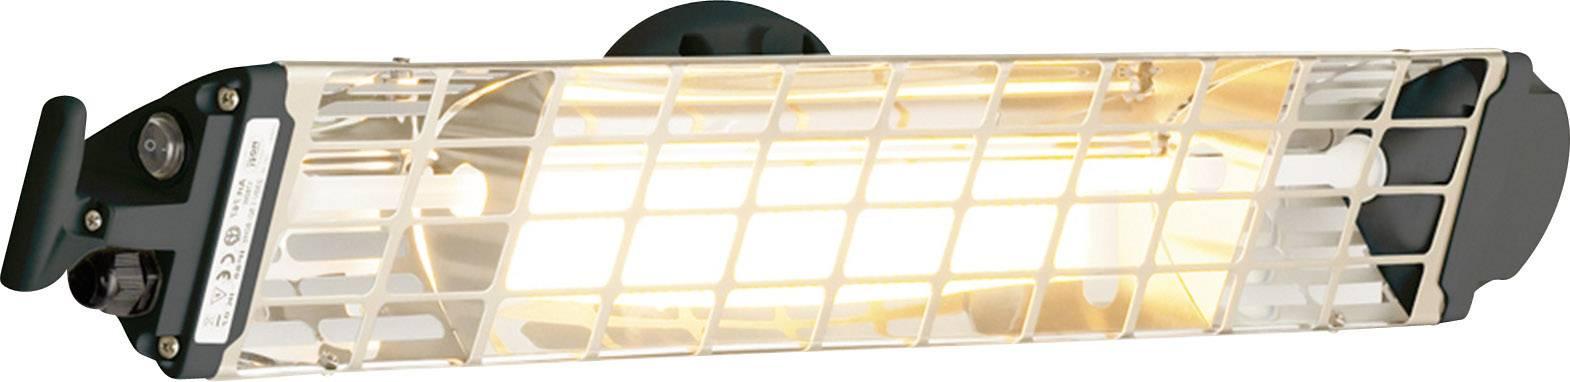 Halogénový infračervený žiarič Mo-el FIORE 1800 1800 W, 9 m², čierna